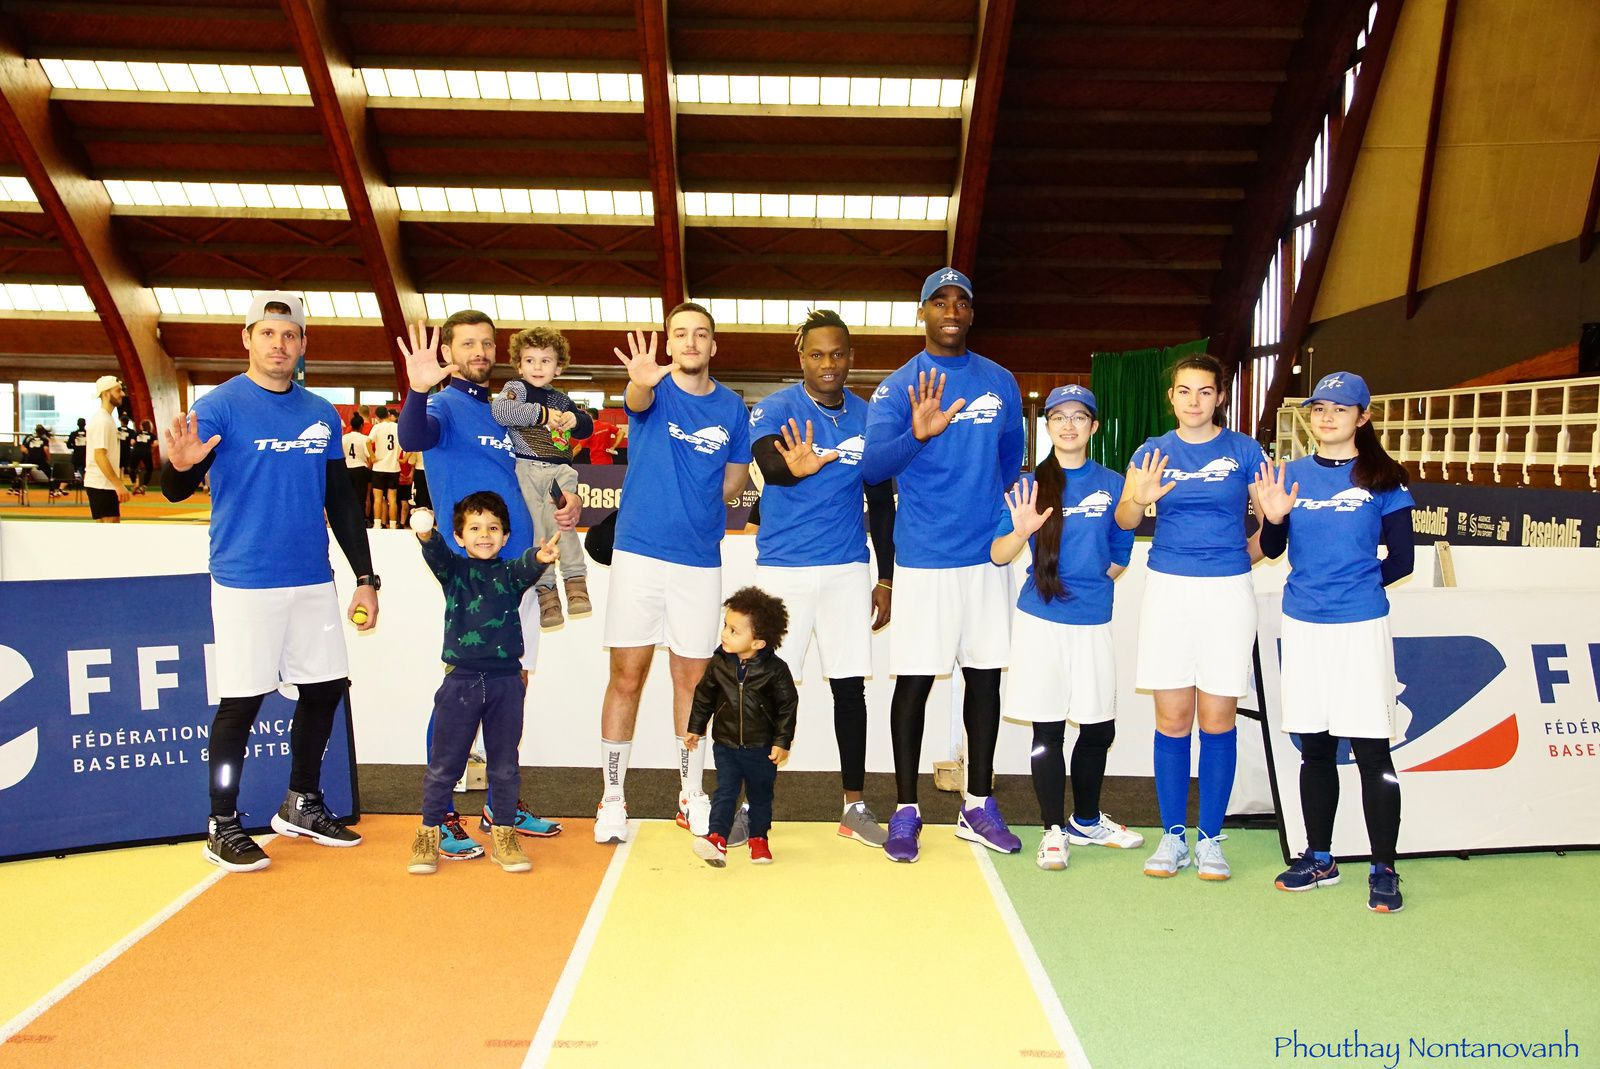 Première participation des Tigers à l'Open de France BASEBALL 5